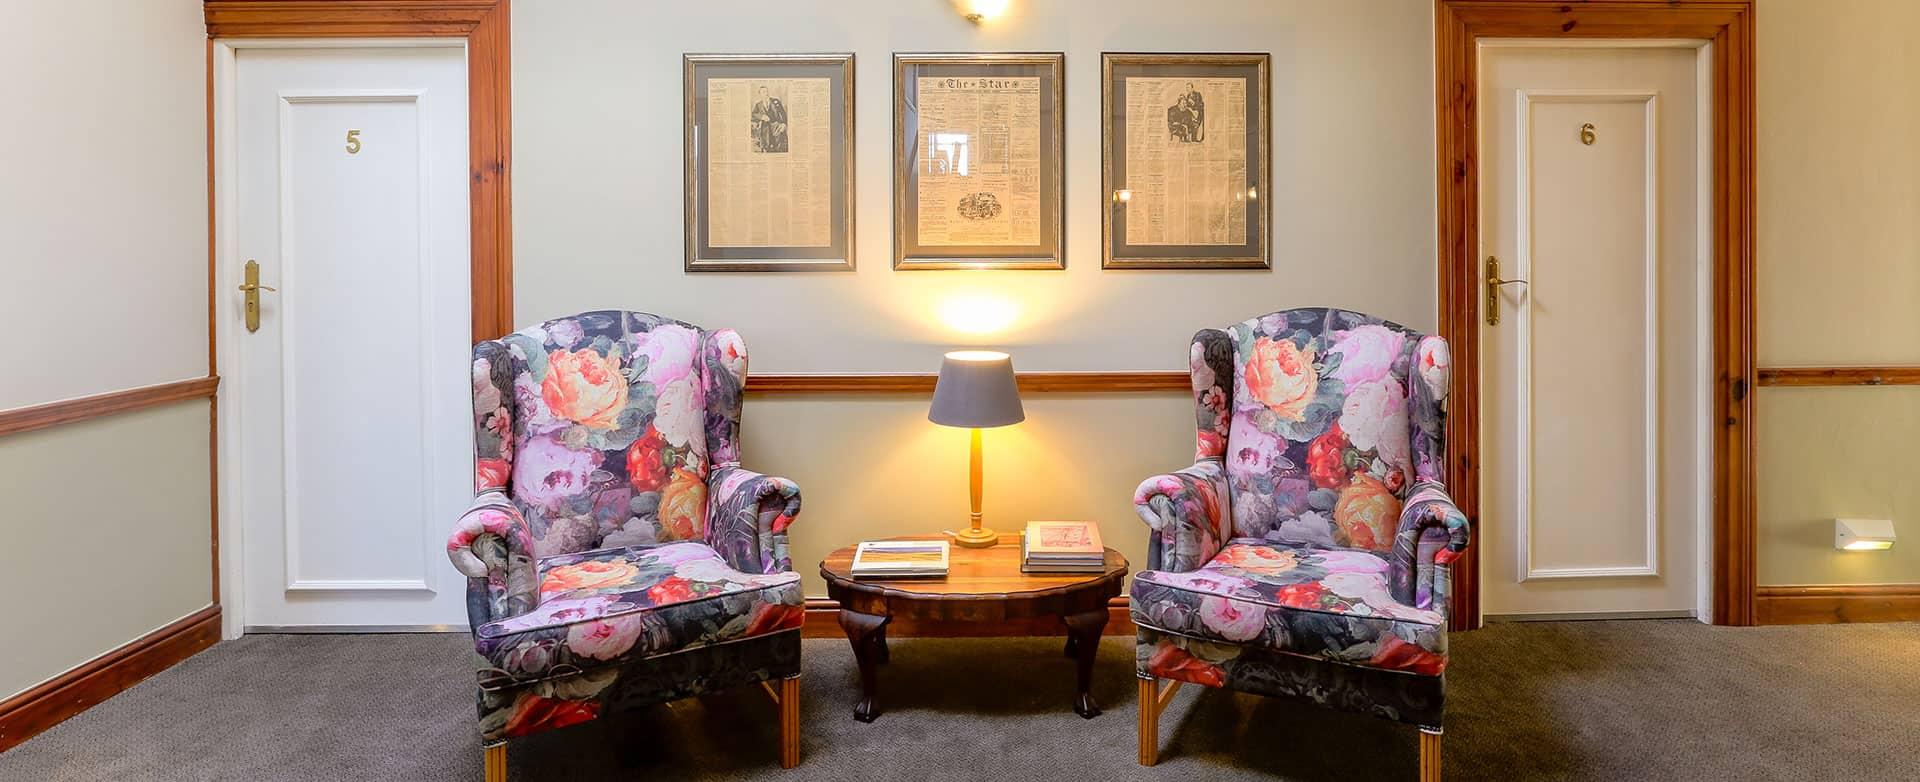 Eendracht Hotel Upper Lounge